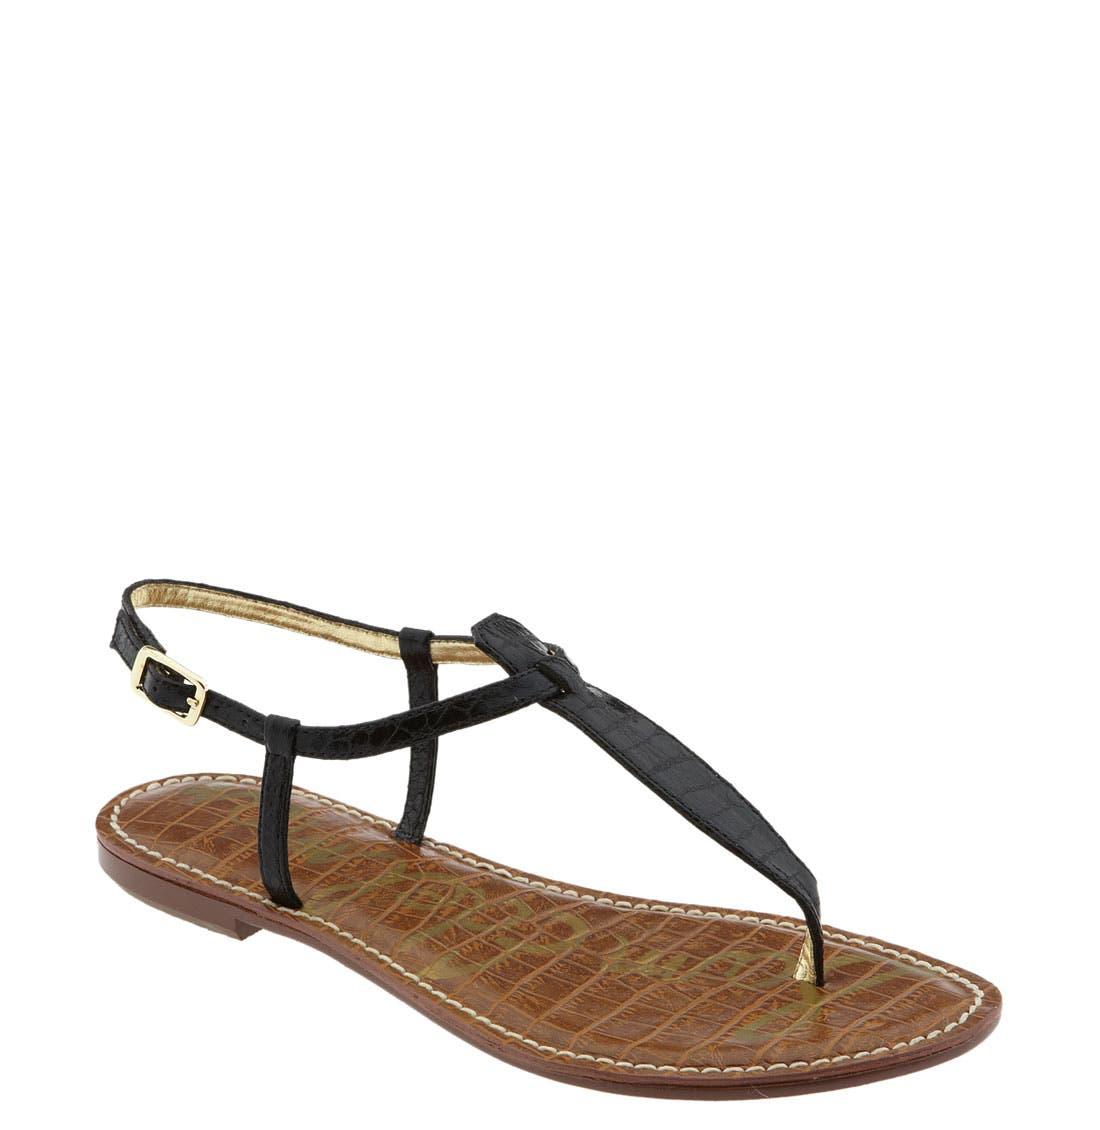 Alternate Image 1 Selected - Sam Edelman 'Gigi' Sandal (Women)